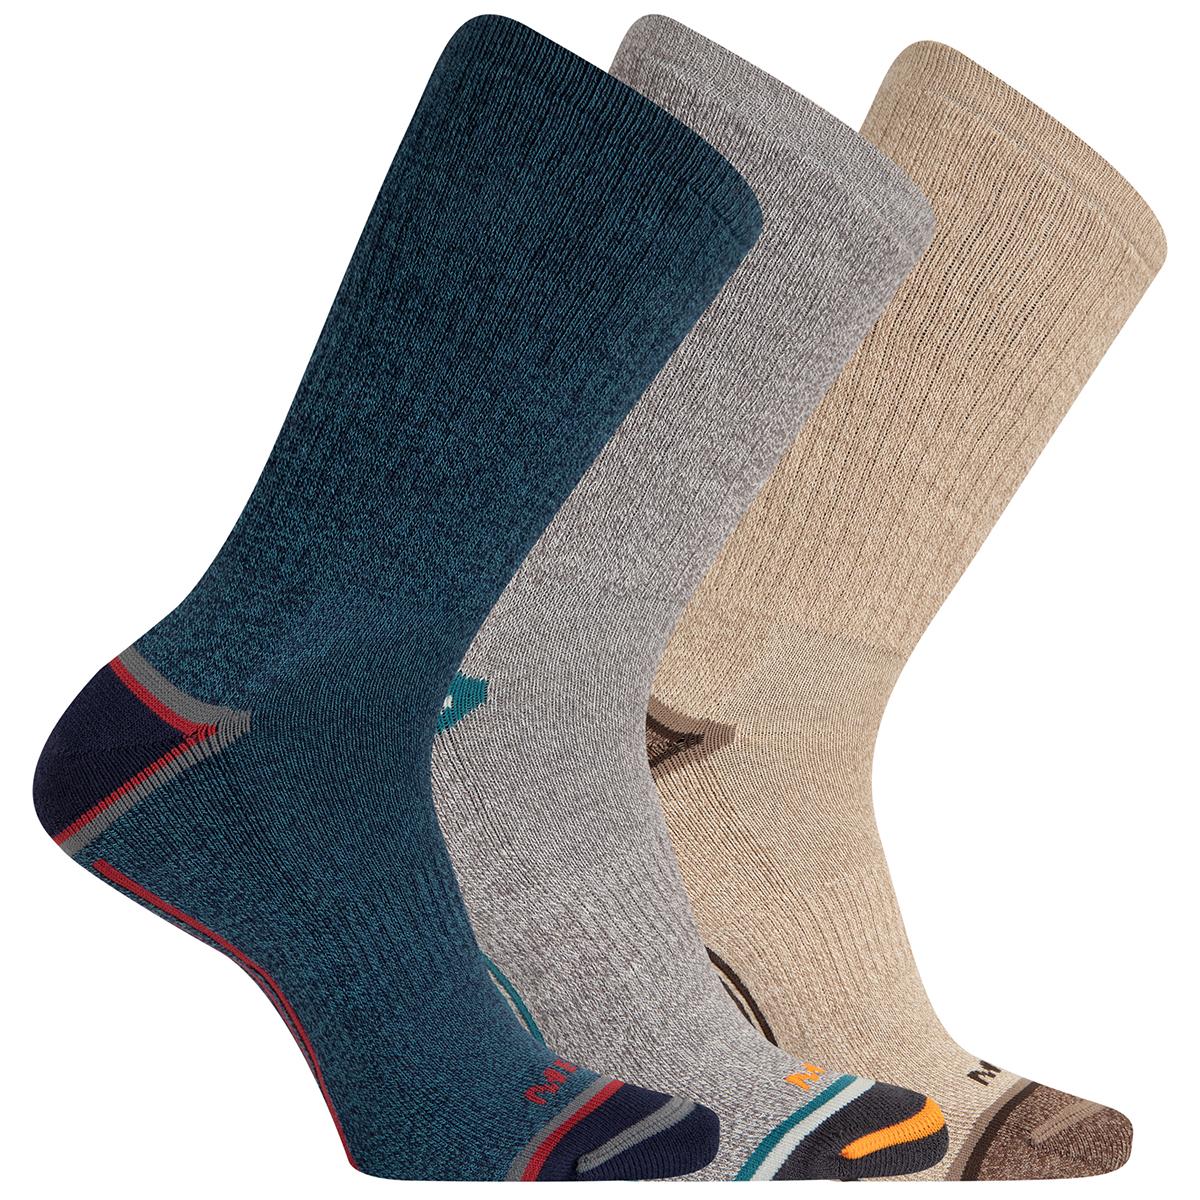 Merrell Men's Cushioned Elite Hiker Crew Socks, 3-Pack - Blue, M/L